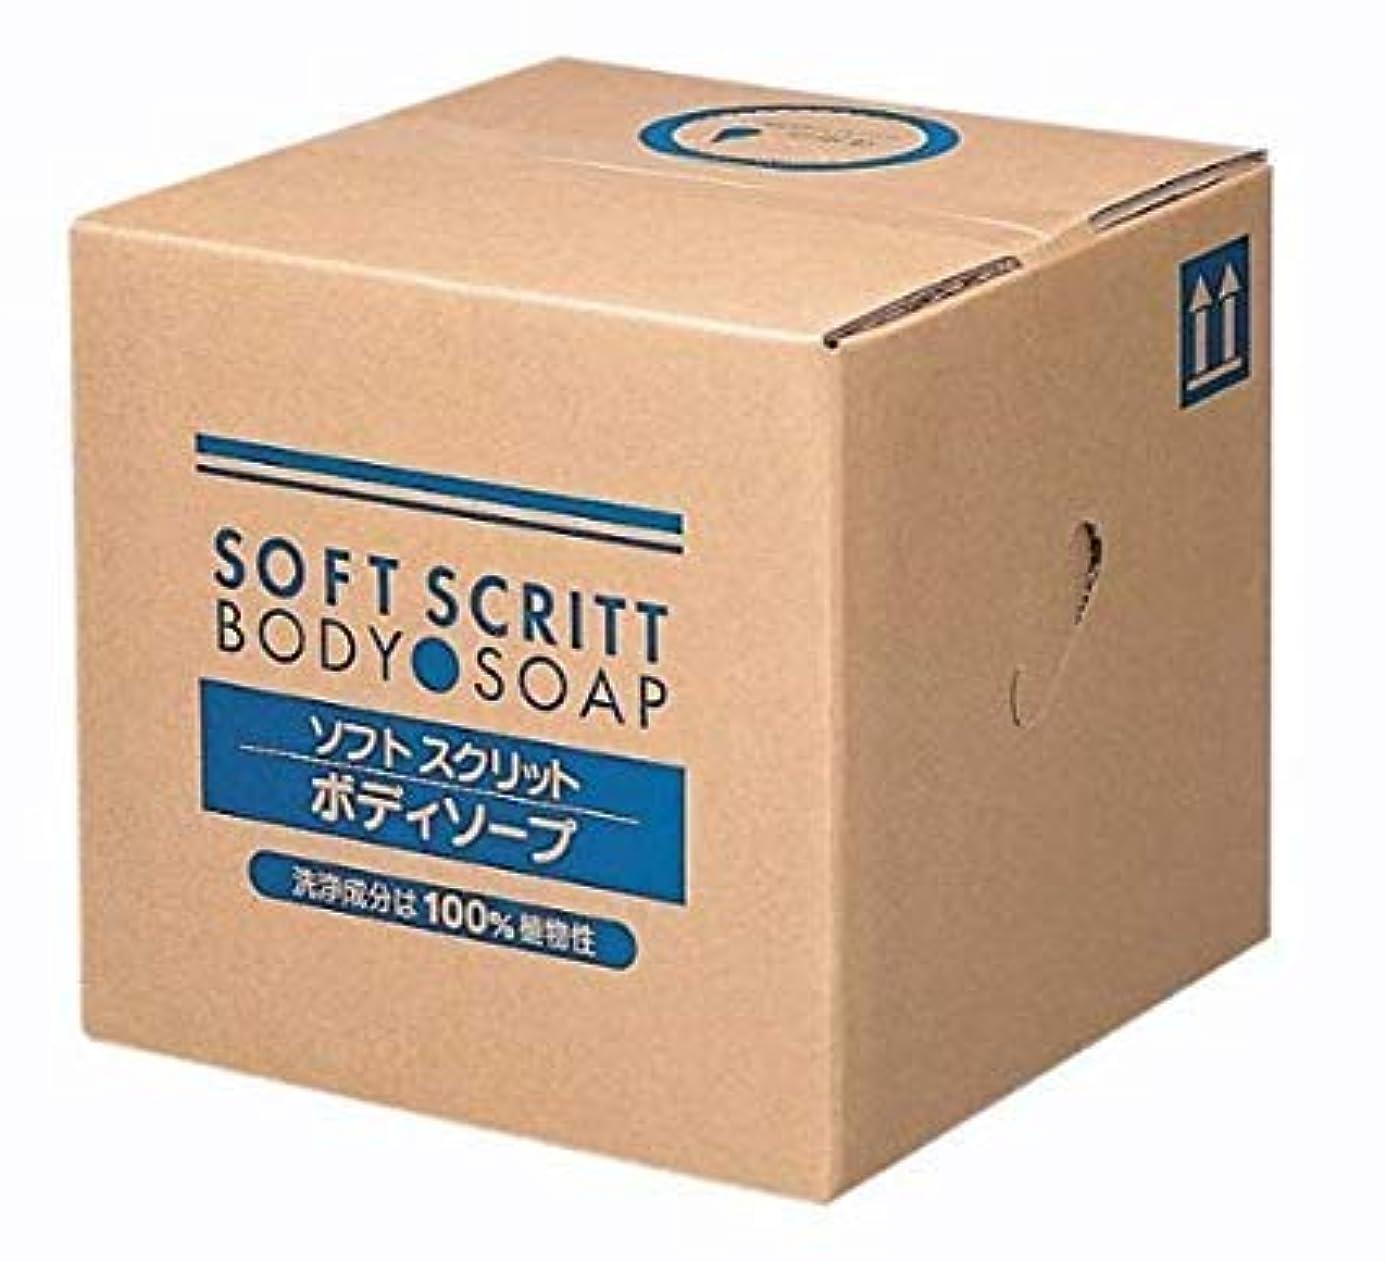 クライストチャーチなぞらえる脊椎業務用 SOFT SCRITT(ソフト スクリット) ボディソープ 18L 熊野油脂 コック無し